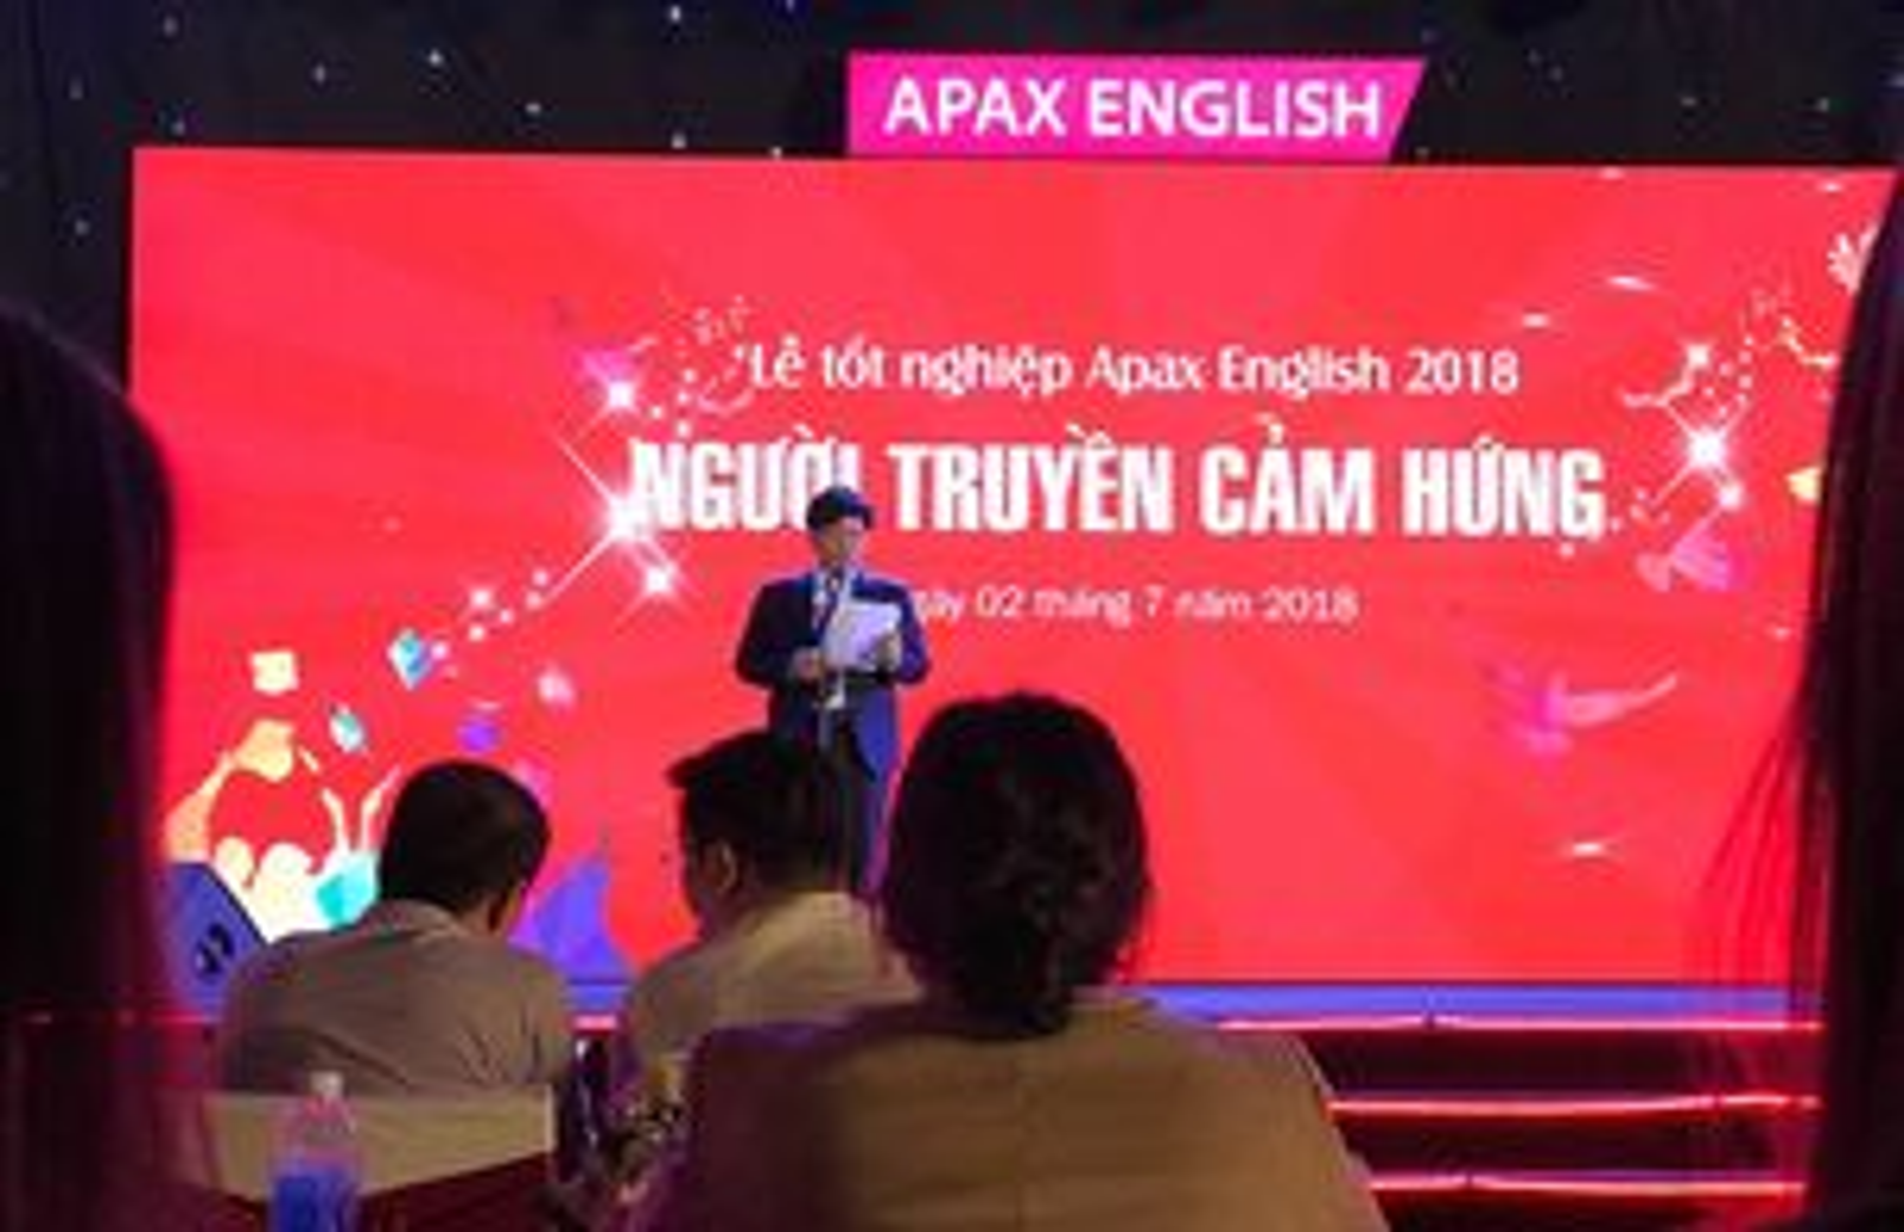 Bài phát biểu đầy cảm hứng trong lễ tốt nghiệp Apax English của Shark Nguyễn Ngọc Thủy